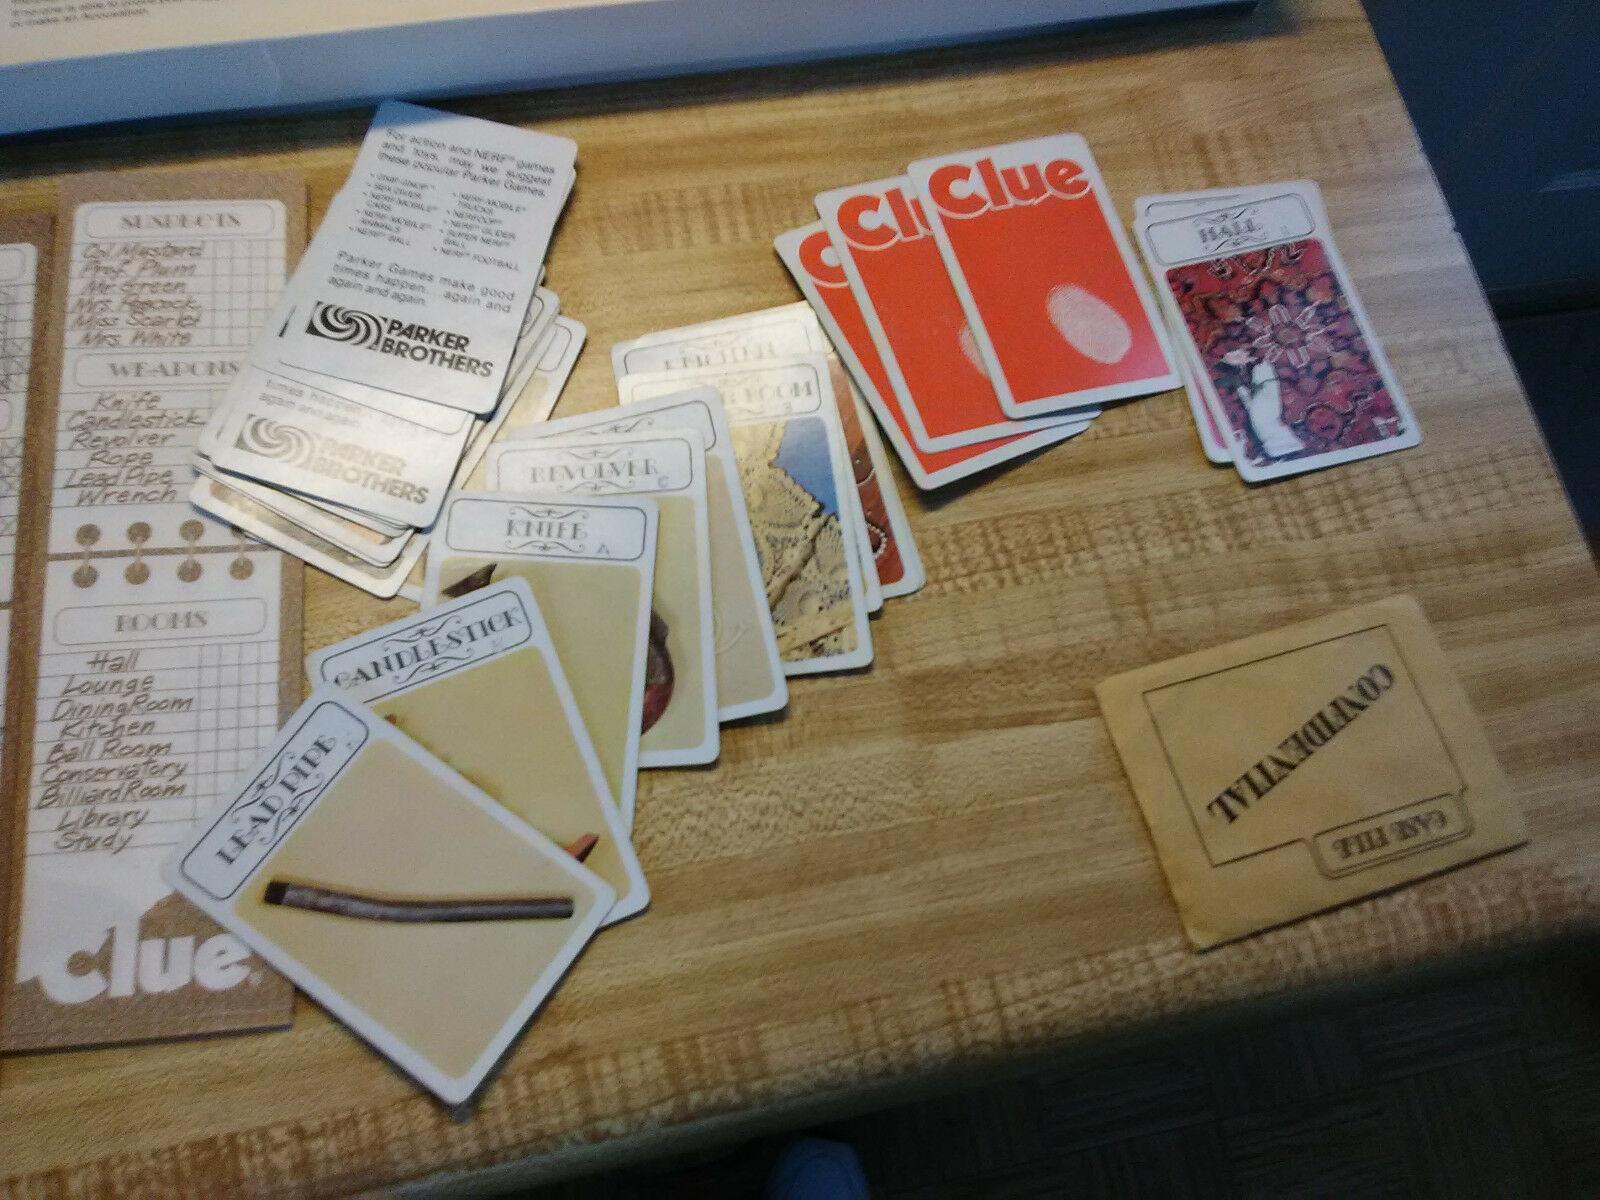 vintage parker brothers Clue game 1972